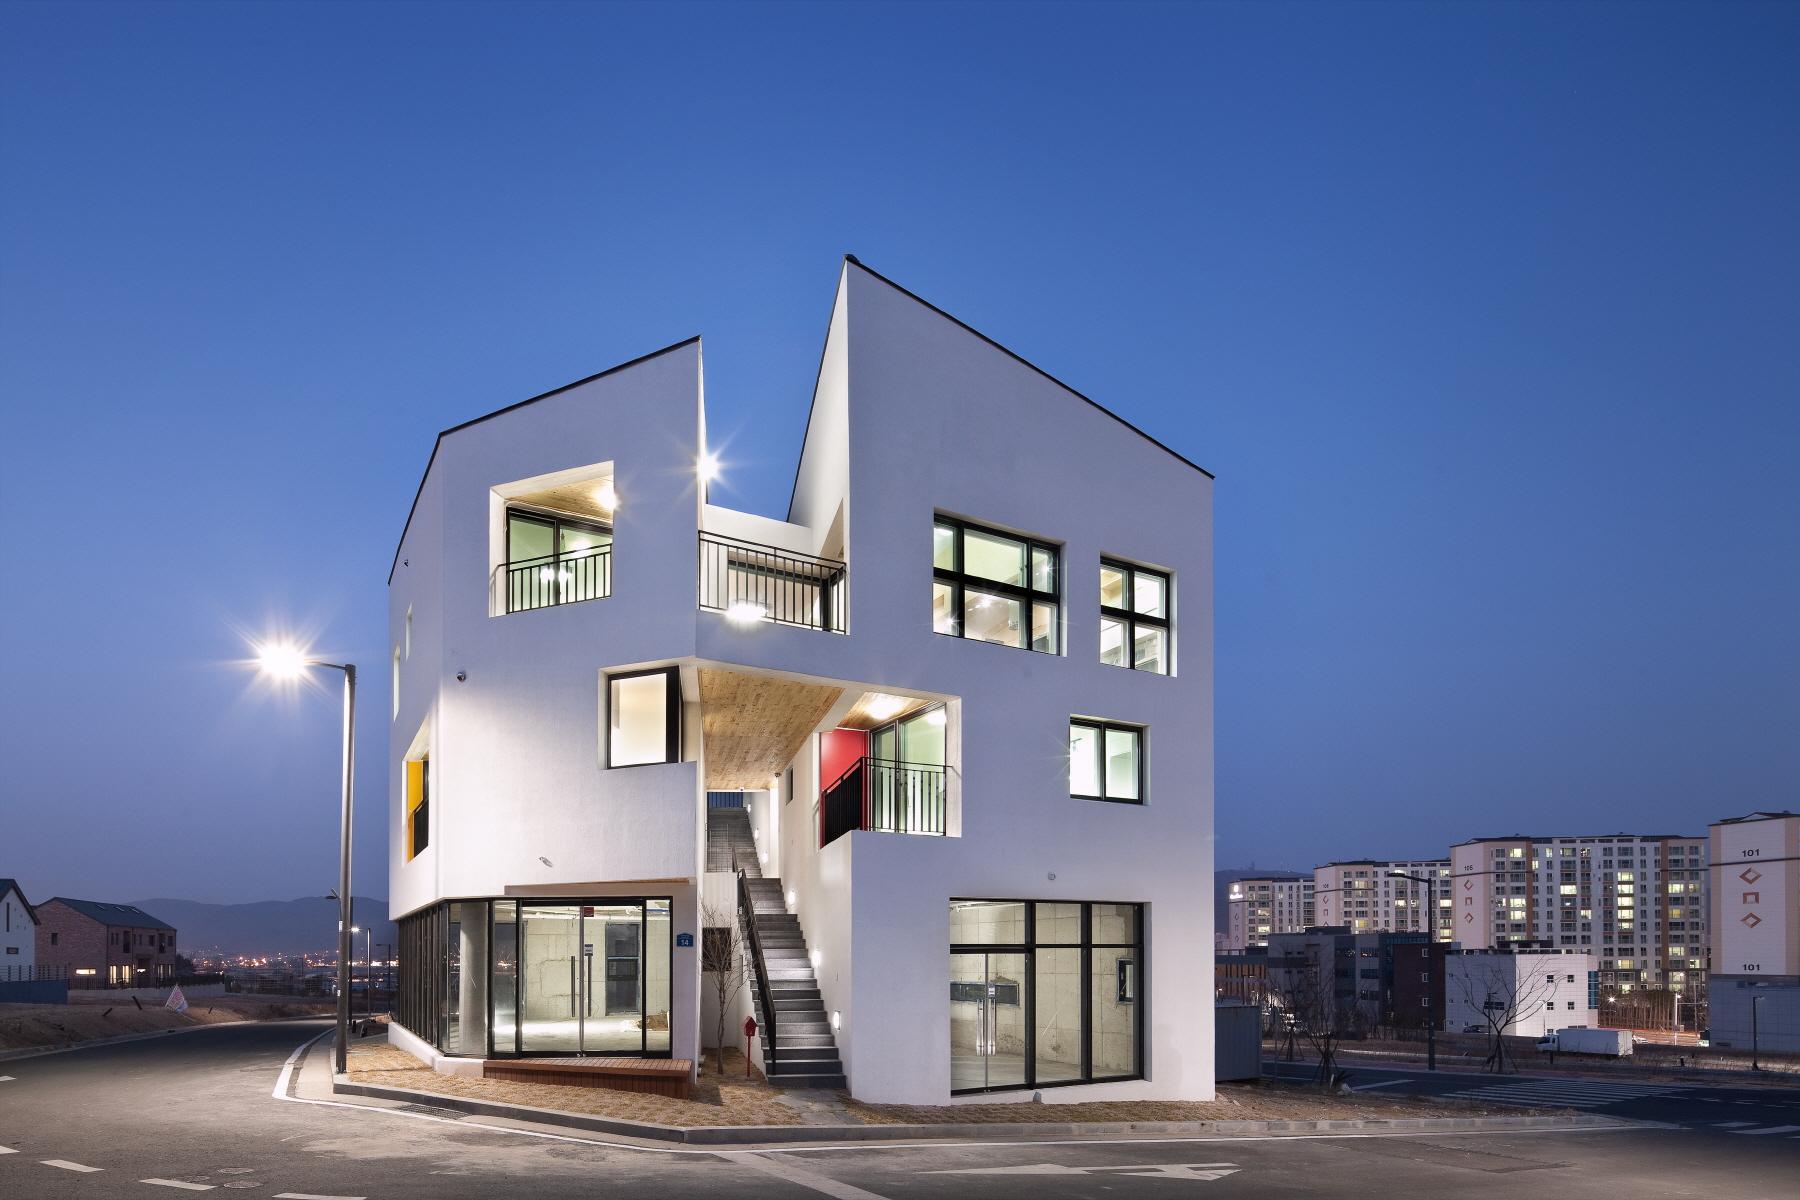 Double House Architect Magazine On Architecture Inc